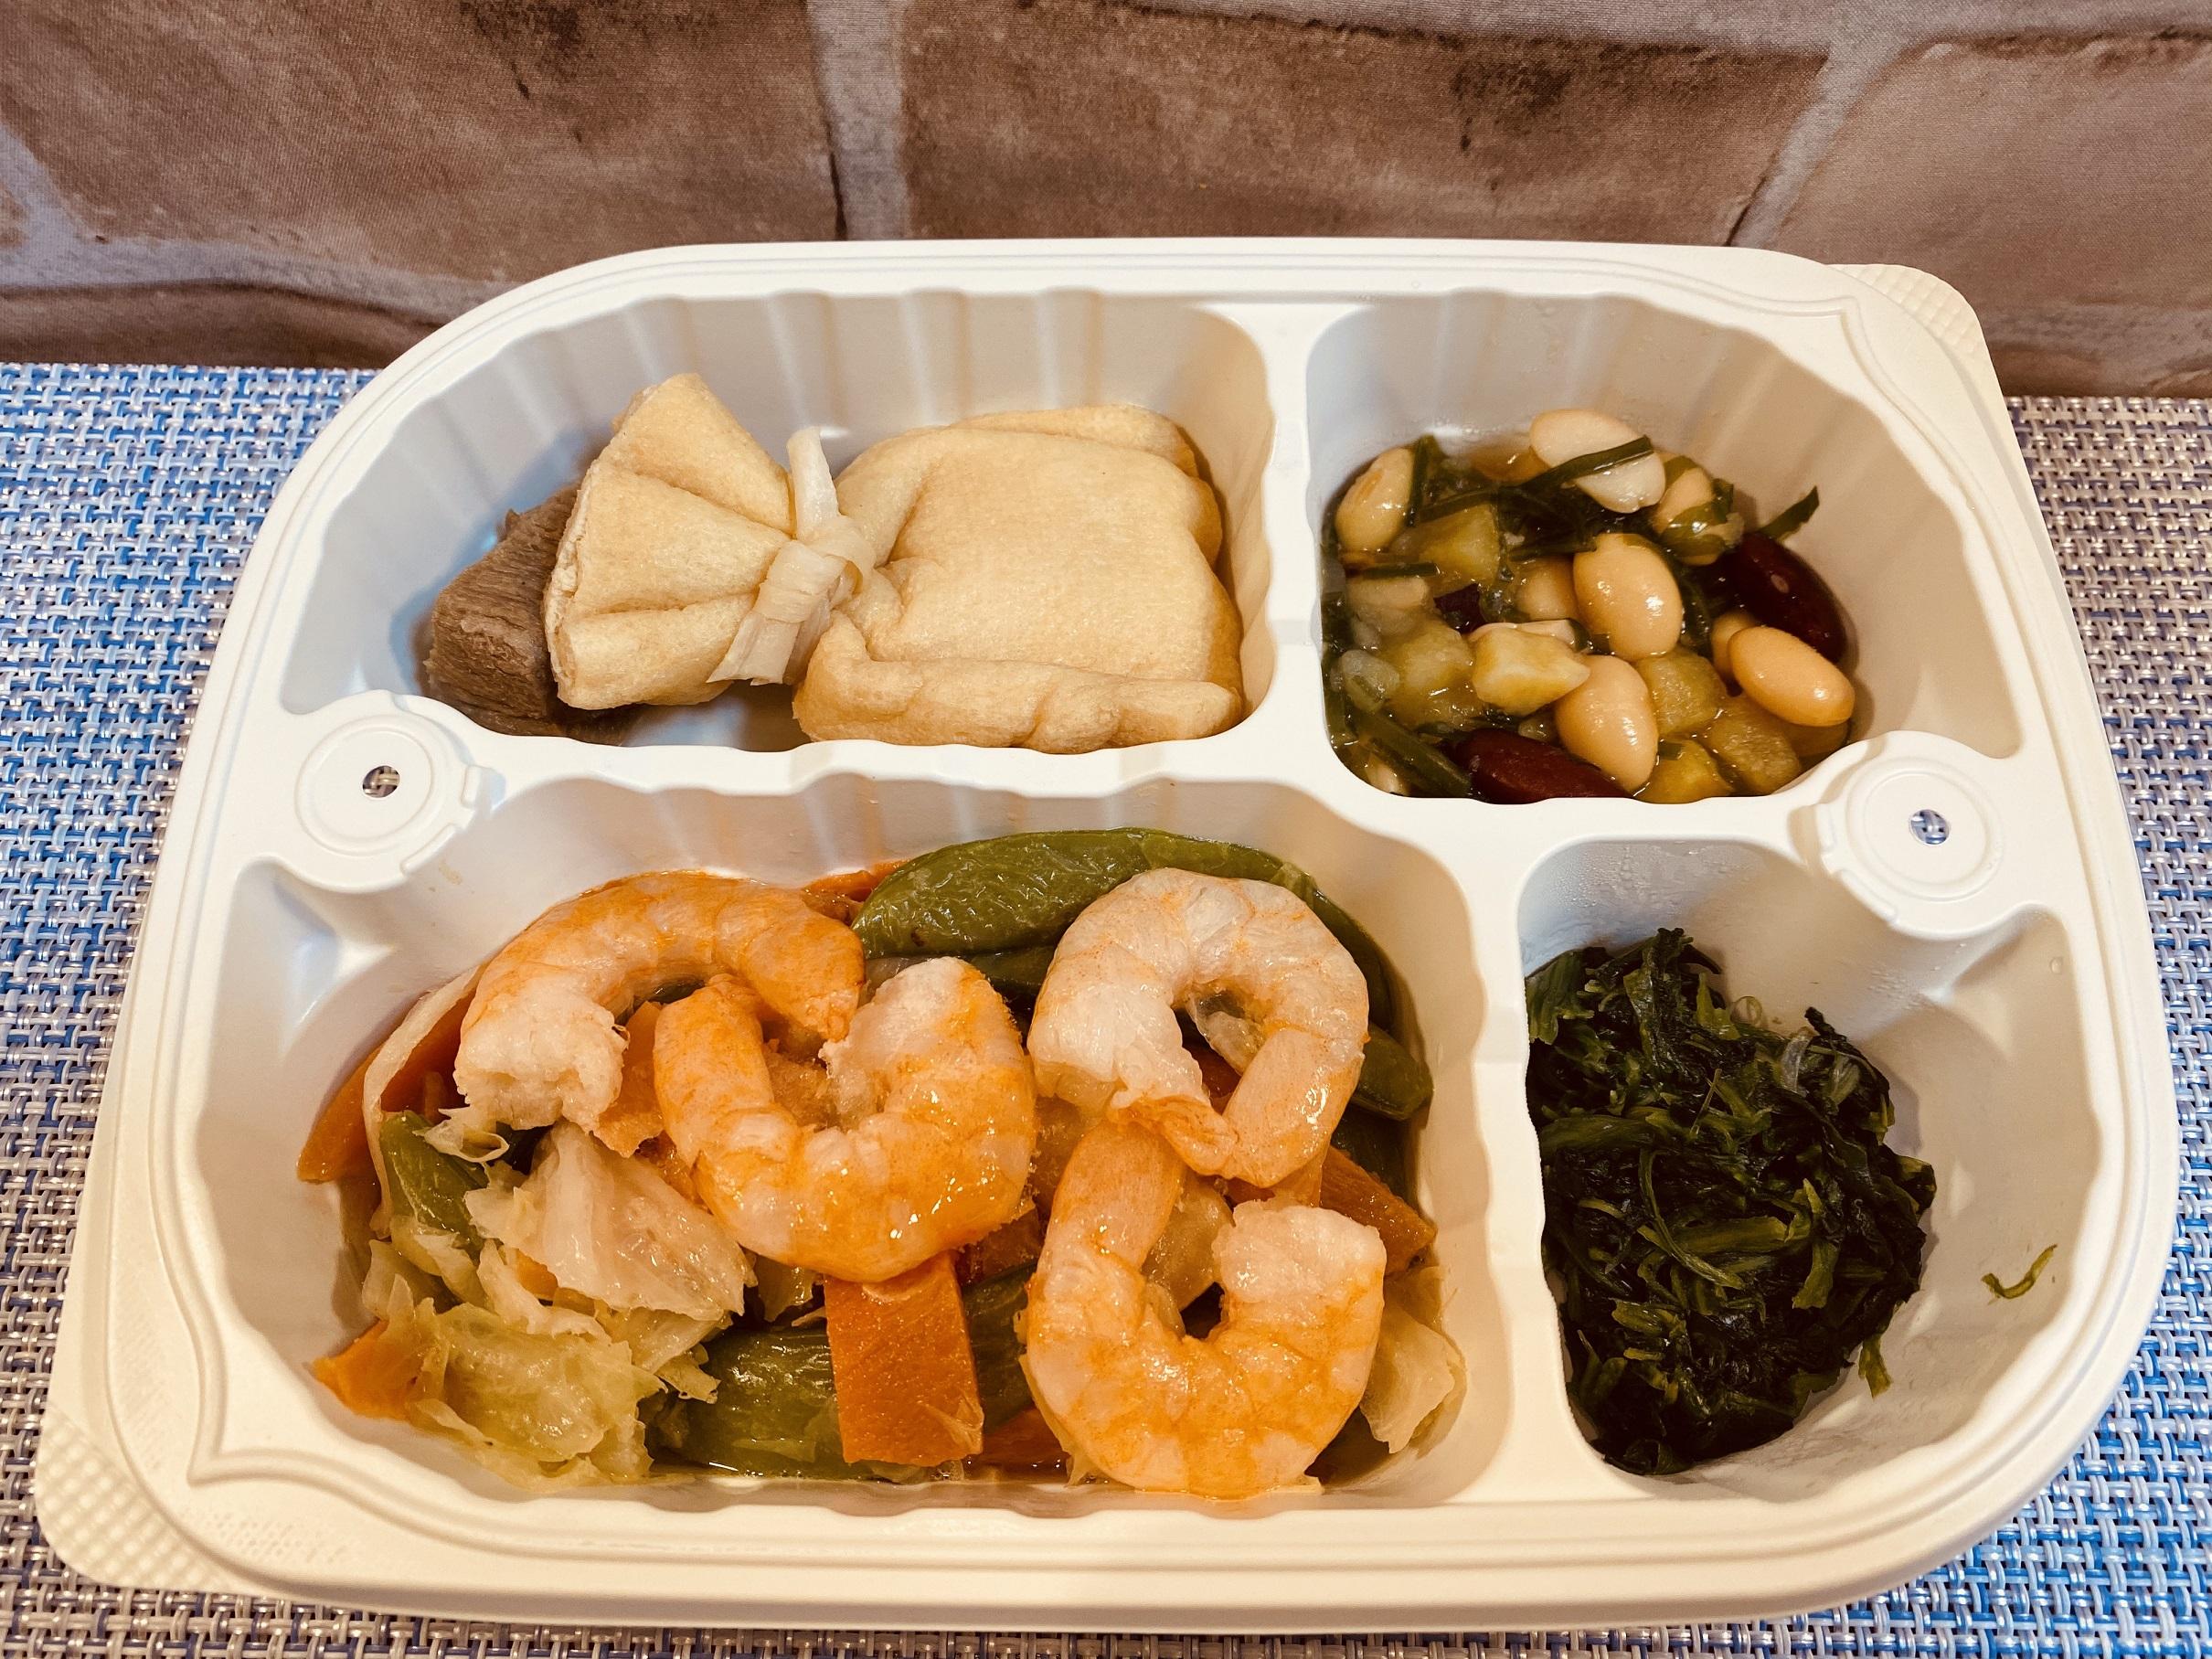 (メニューの一例)えびとえんどうの炒め物、豚肉の煮物、さつまいもの煮物、ほうれん草の和え物